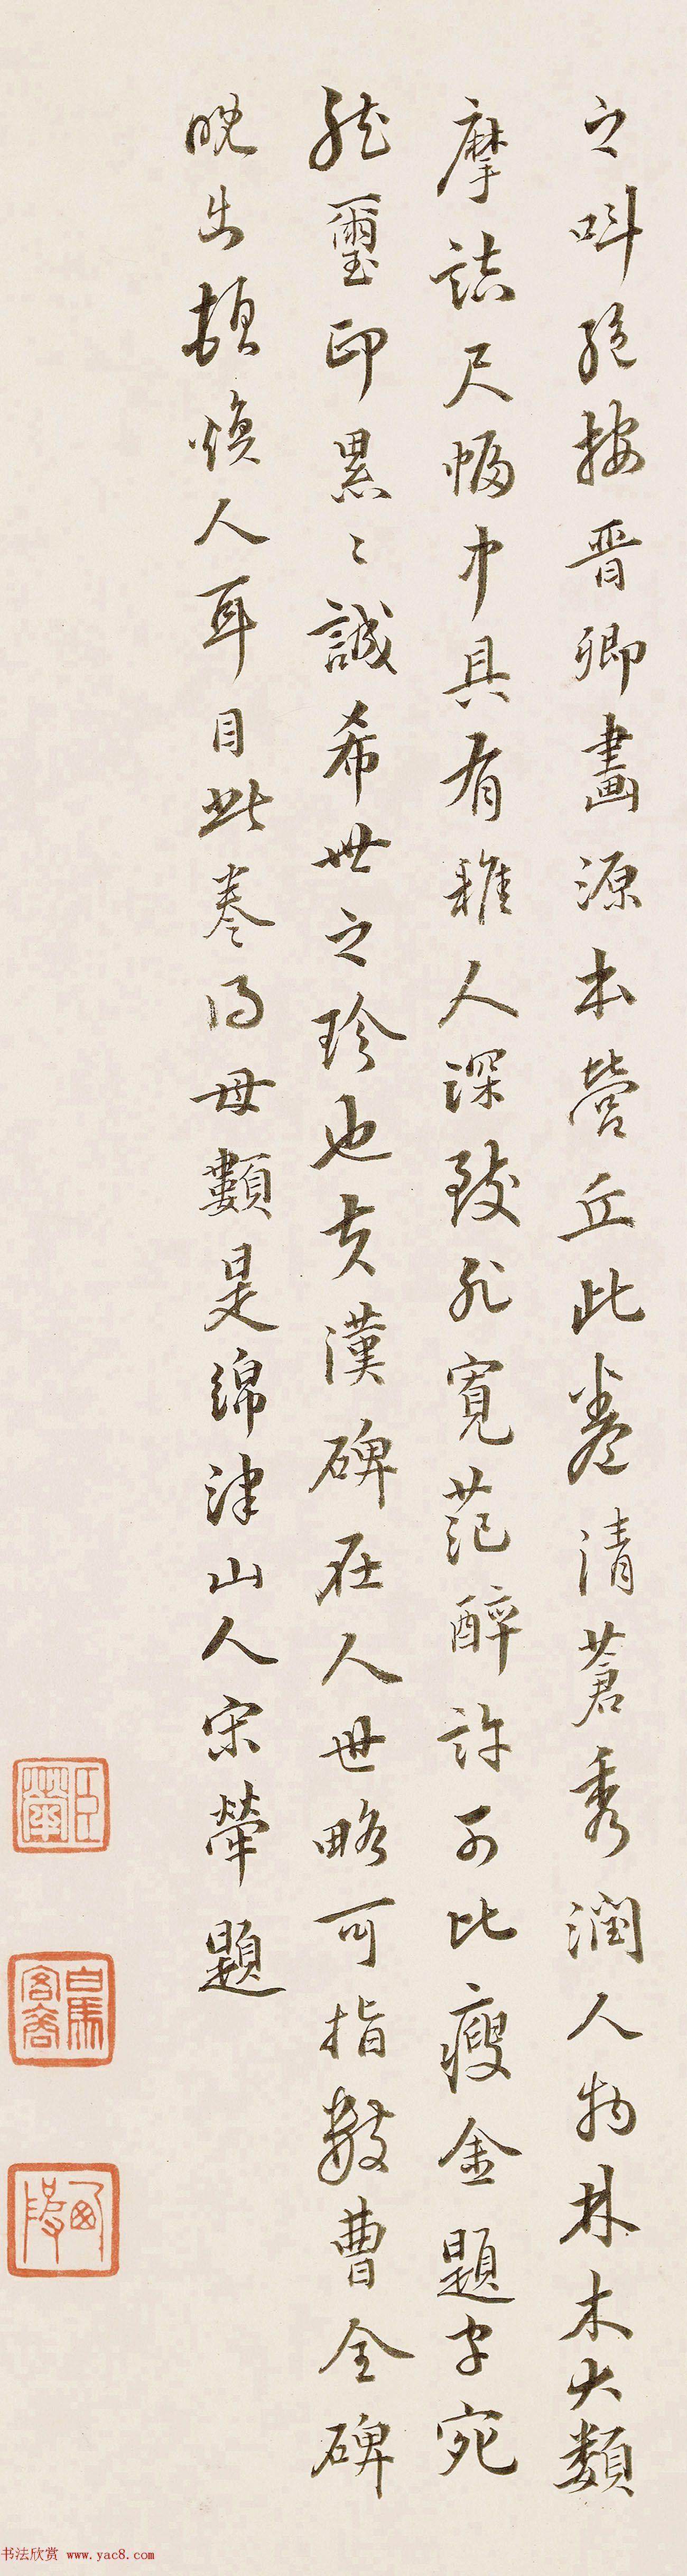 清代吏部尚书宋犖书法题字三幅